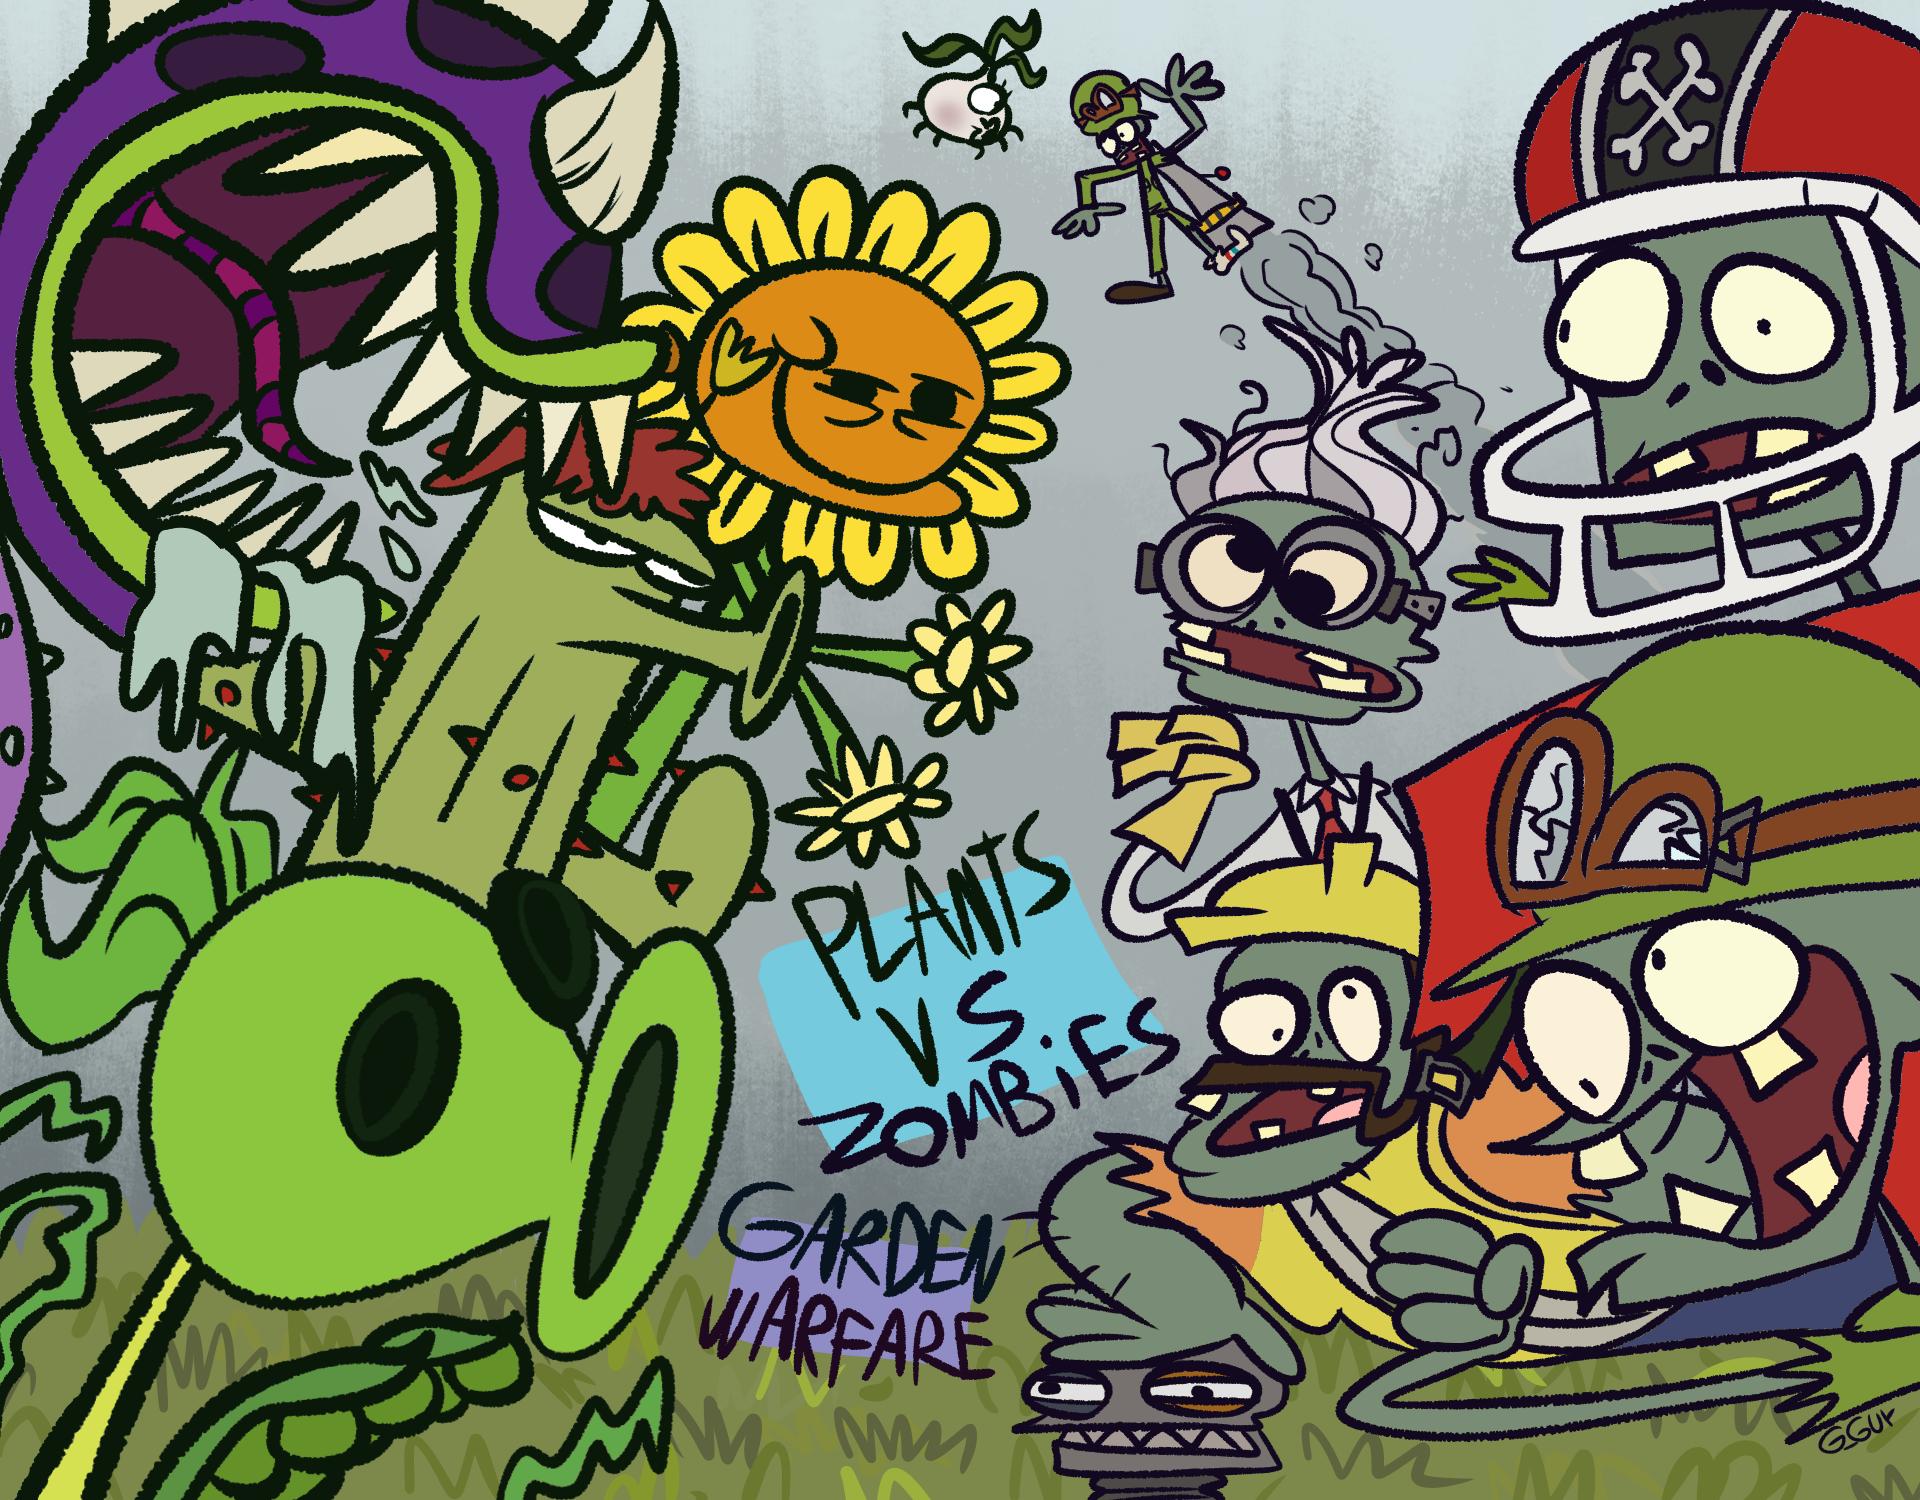 Plants Vs Zombies Garden Warfare fanart